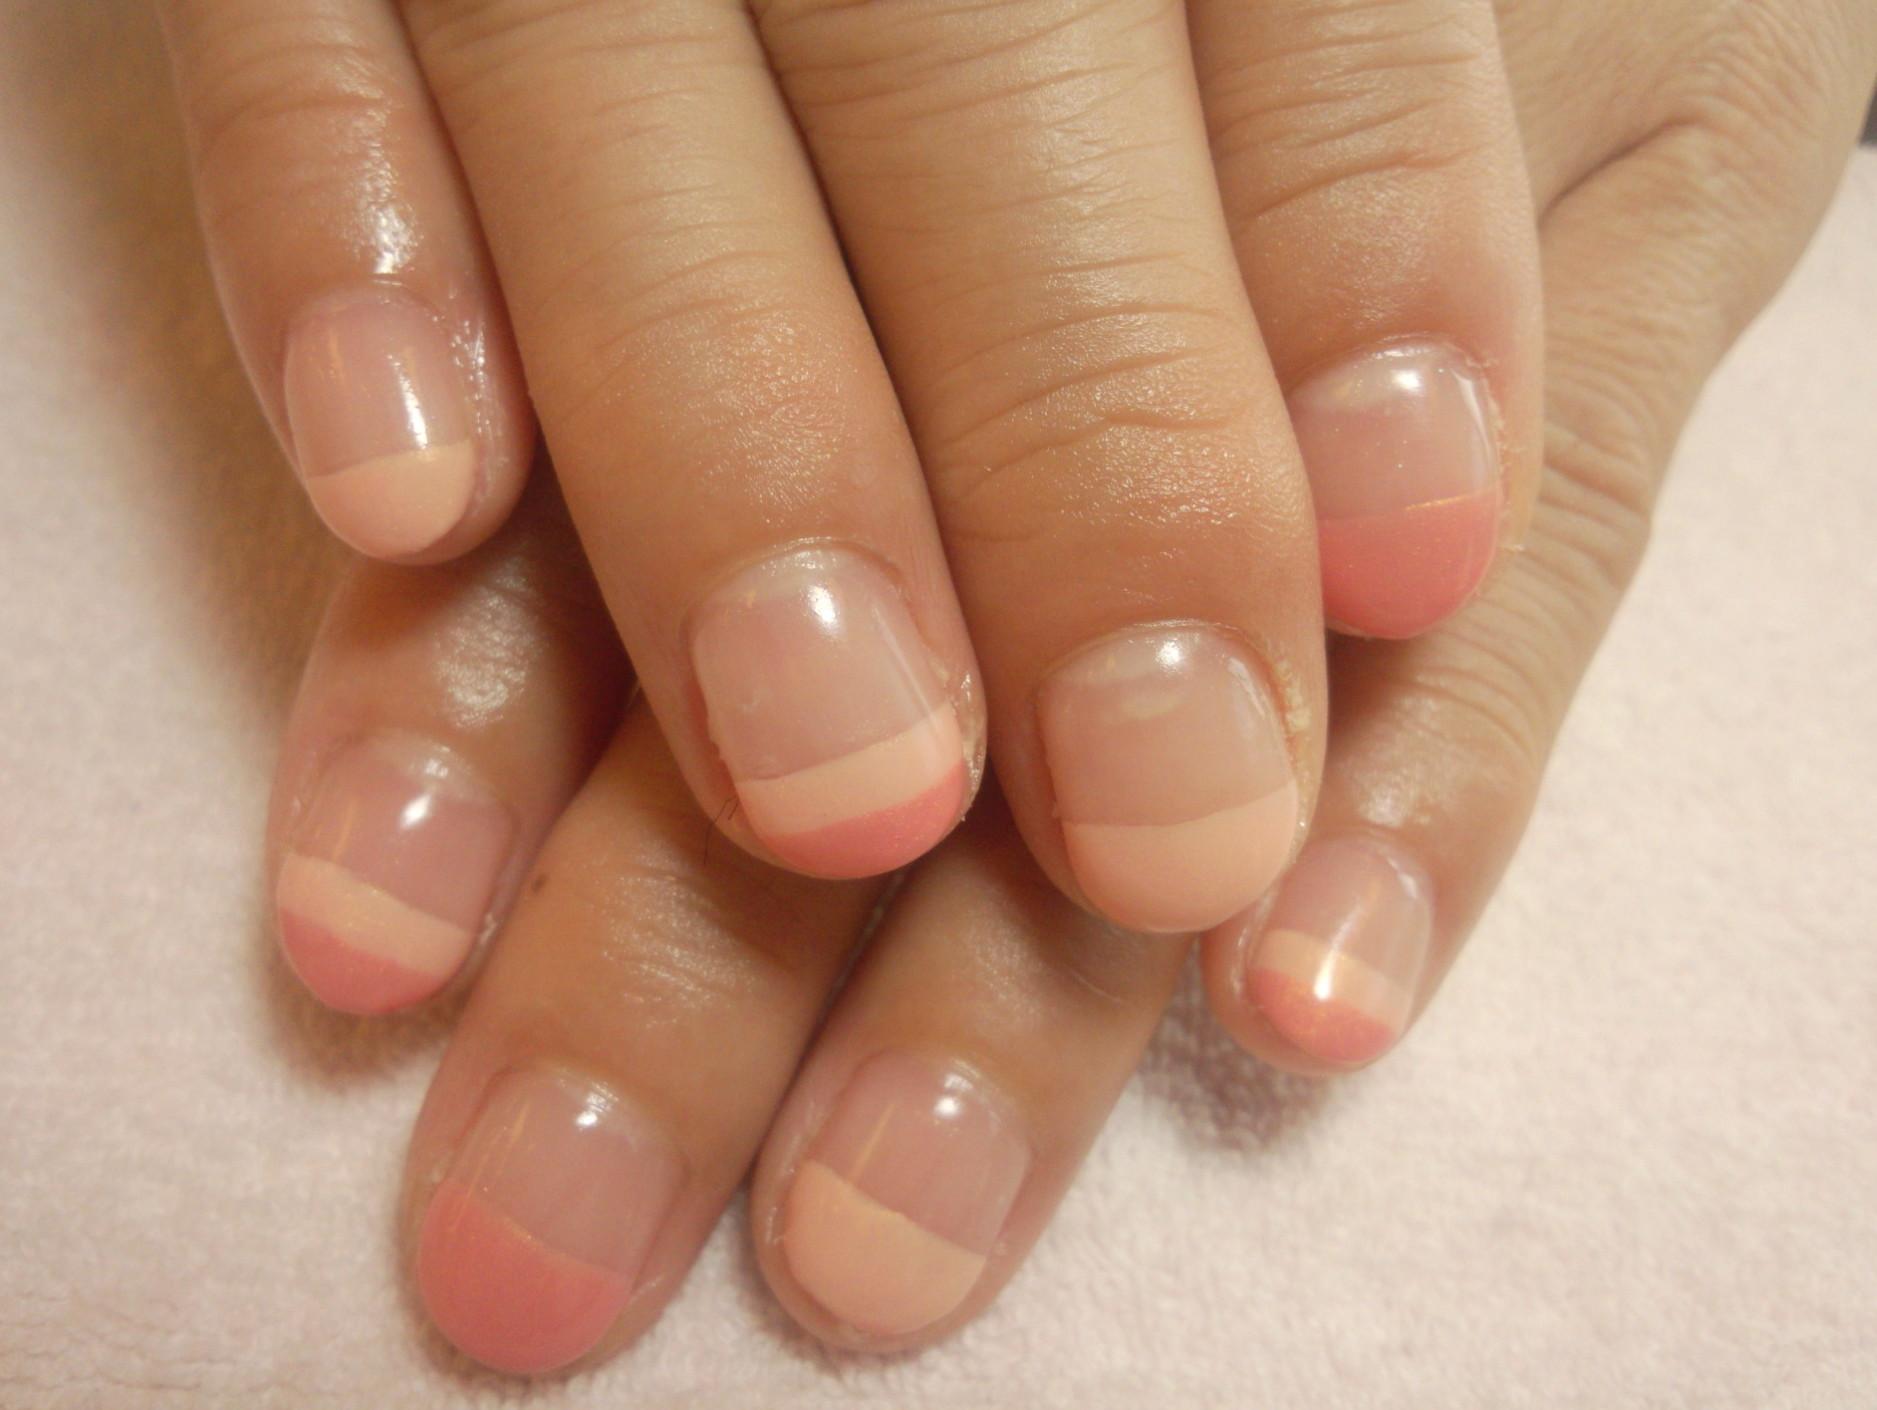 2色ピンク シンンプル ボーダー ジェルネイル 初夏 サマー 夏ネイル ネイル画像 エレガント 大宮